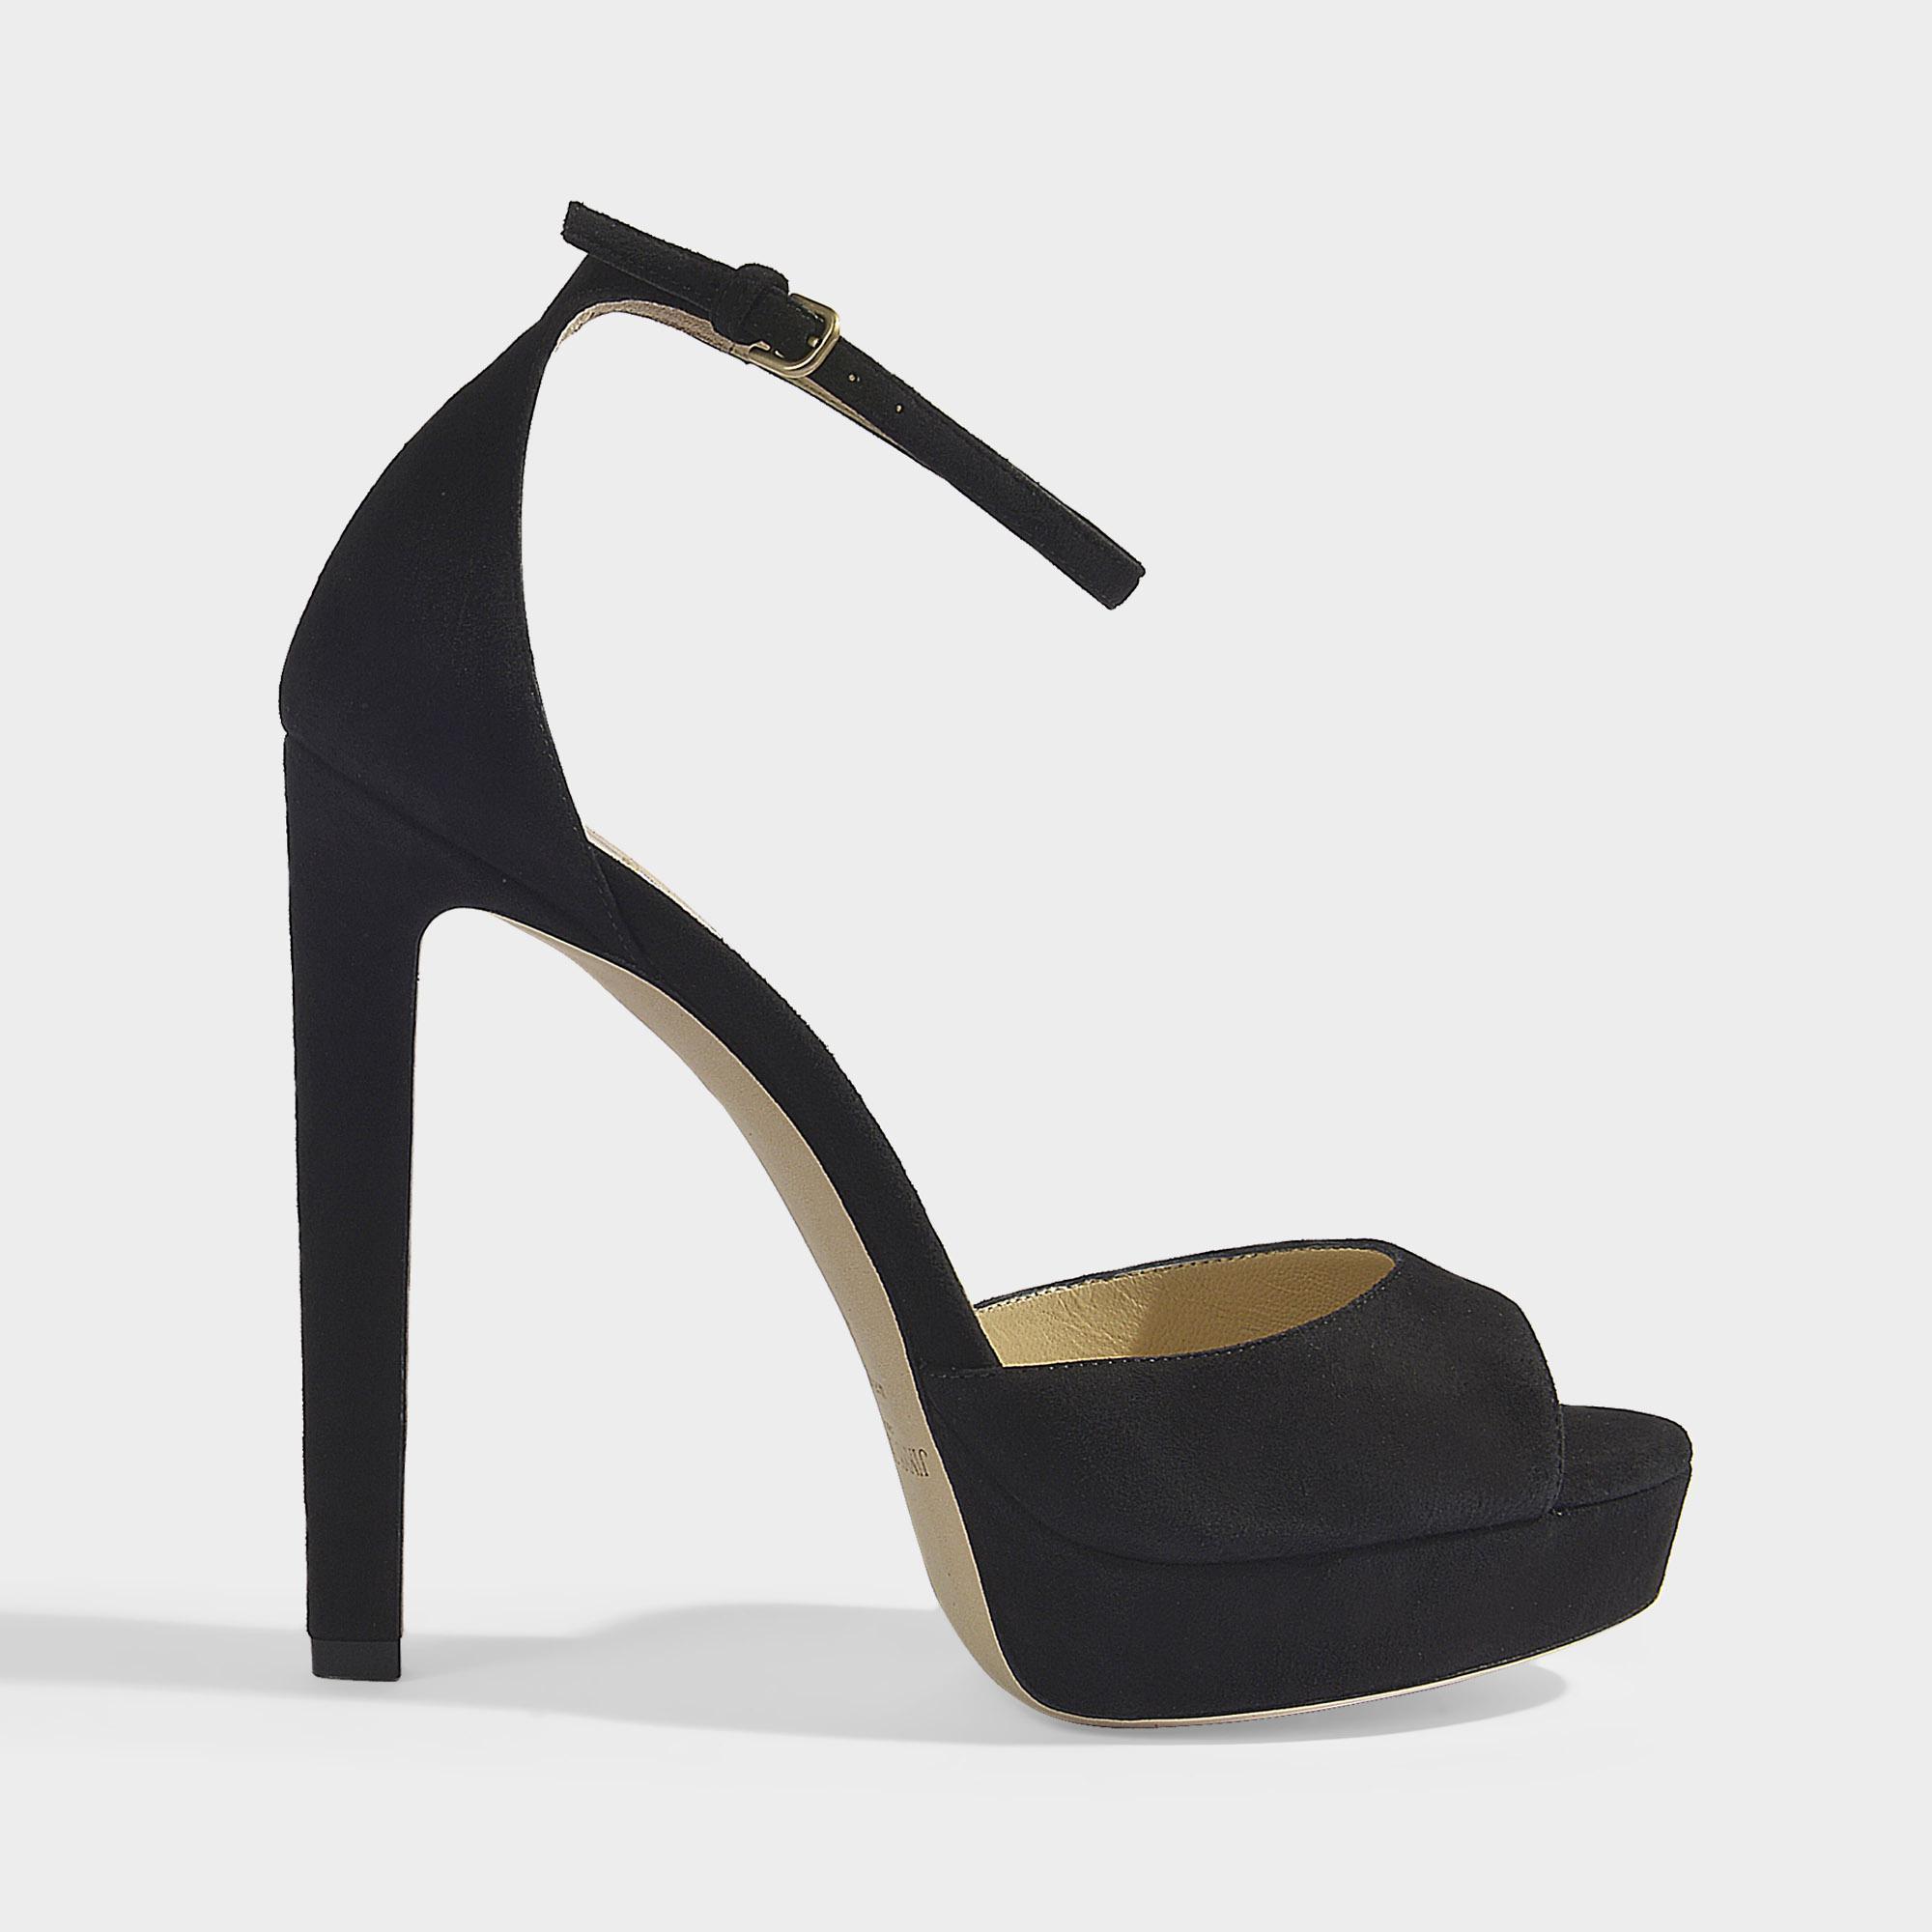 69362fad168 Lyst - Jimmy Choo Pattie 130 Platform Sandals In Black Suede in ...